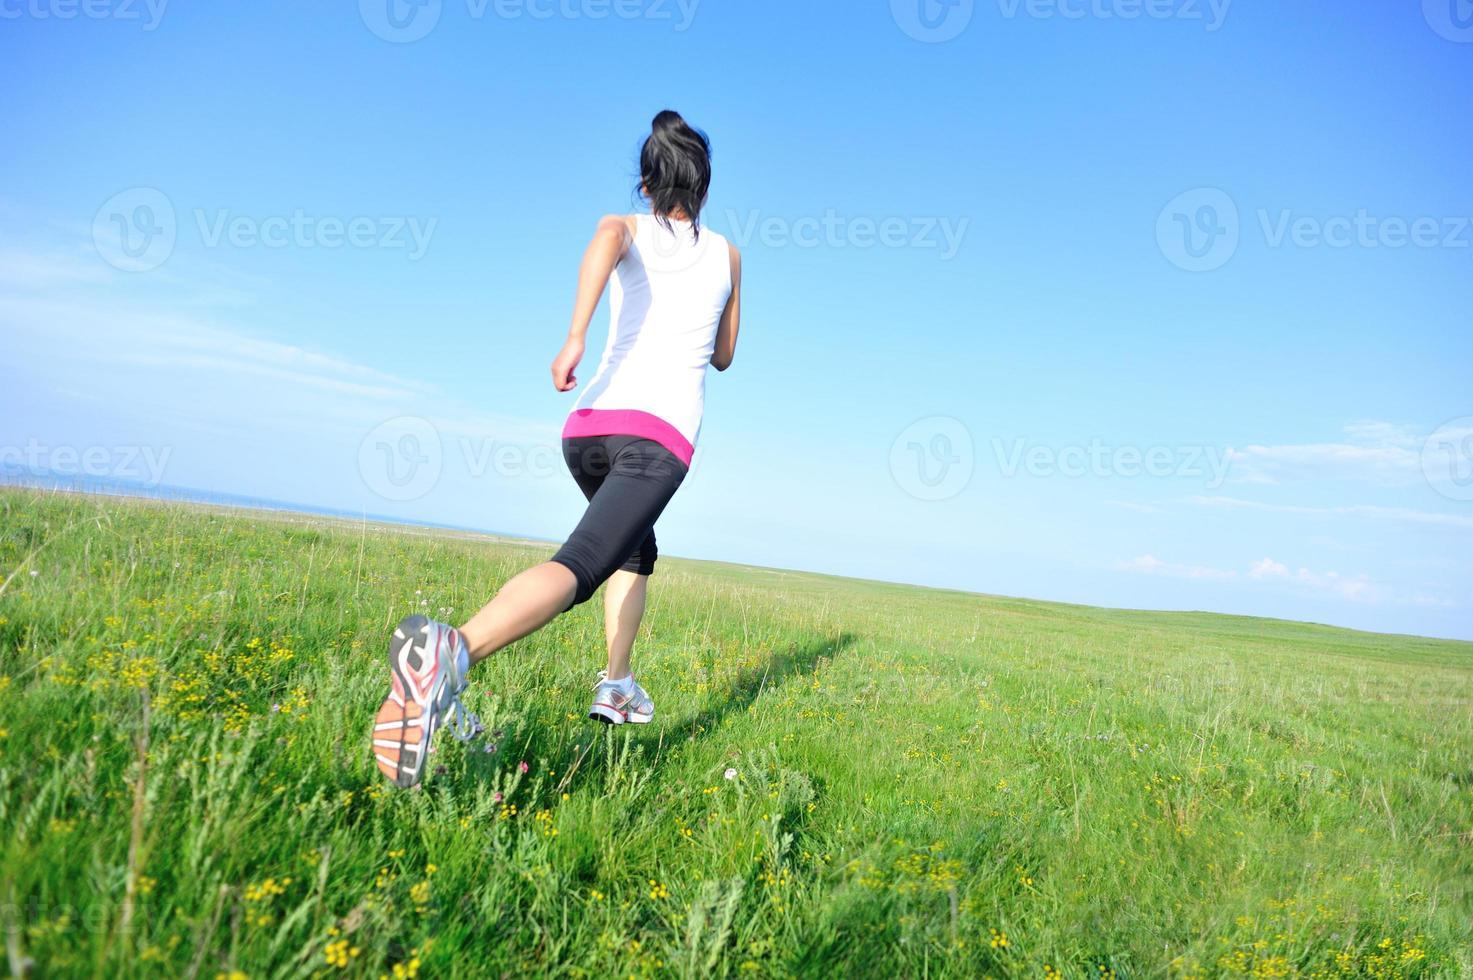 atleta corredor corriendo en pastizales foto